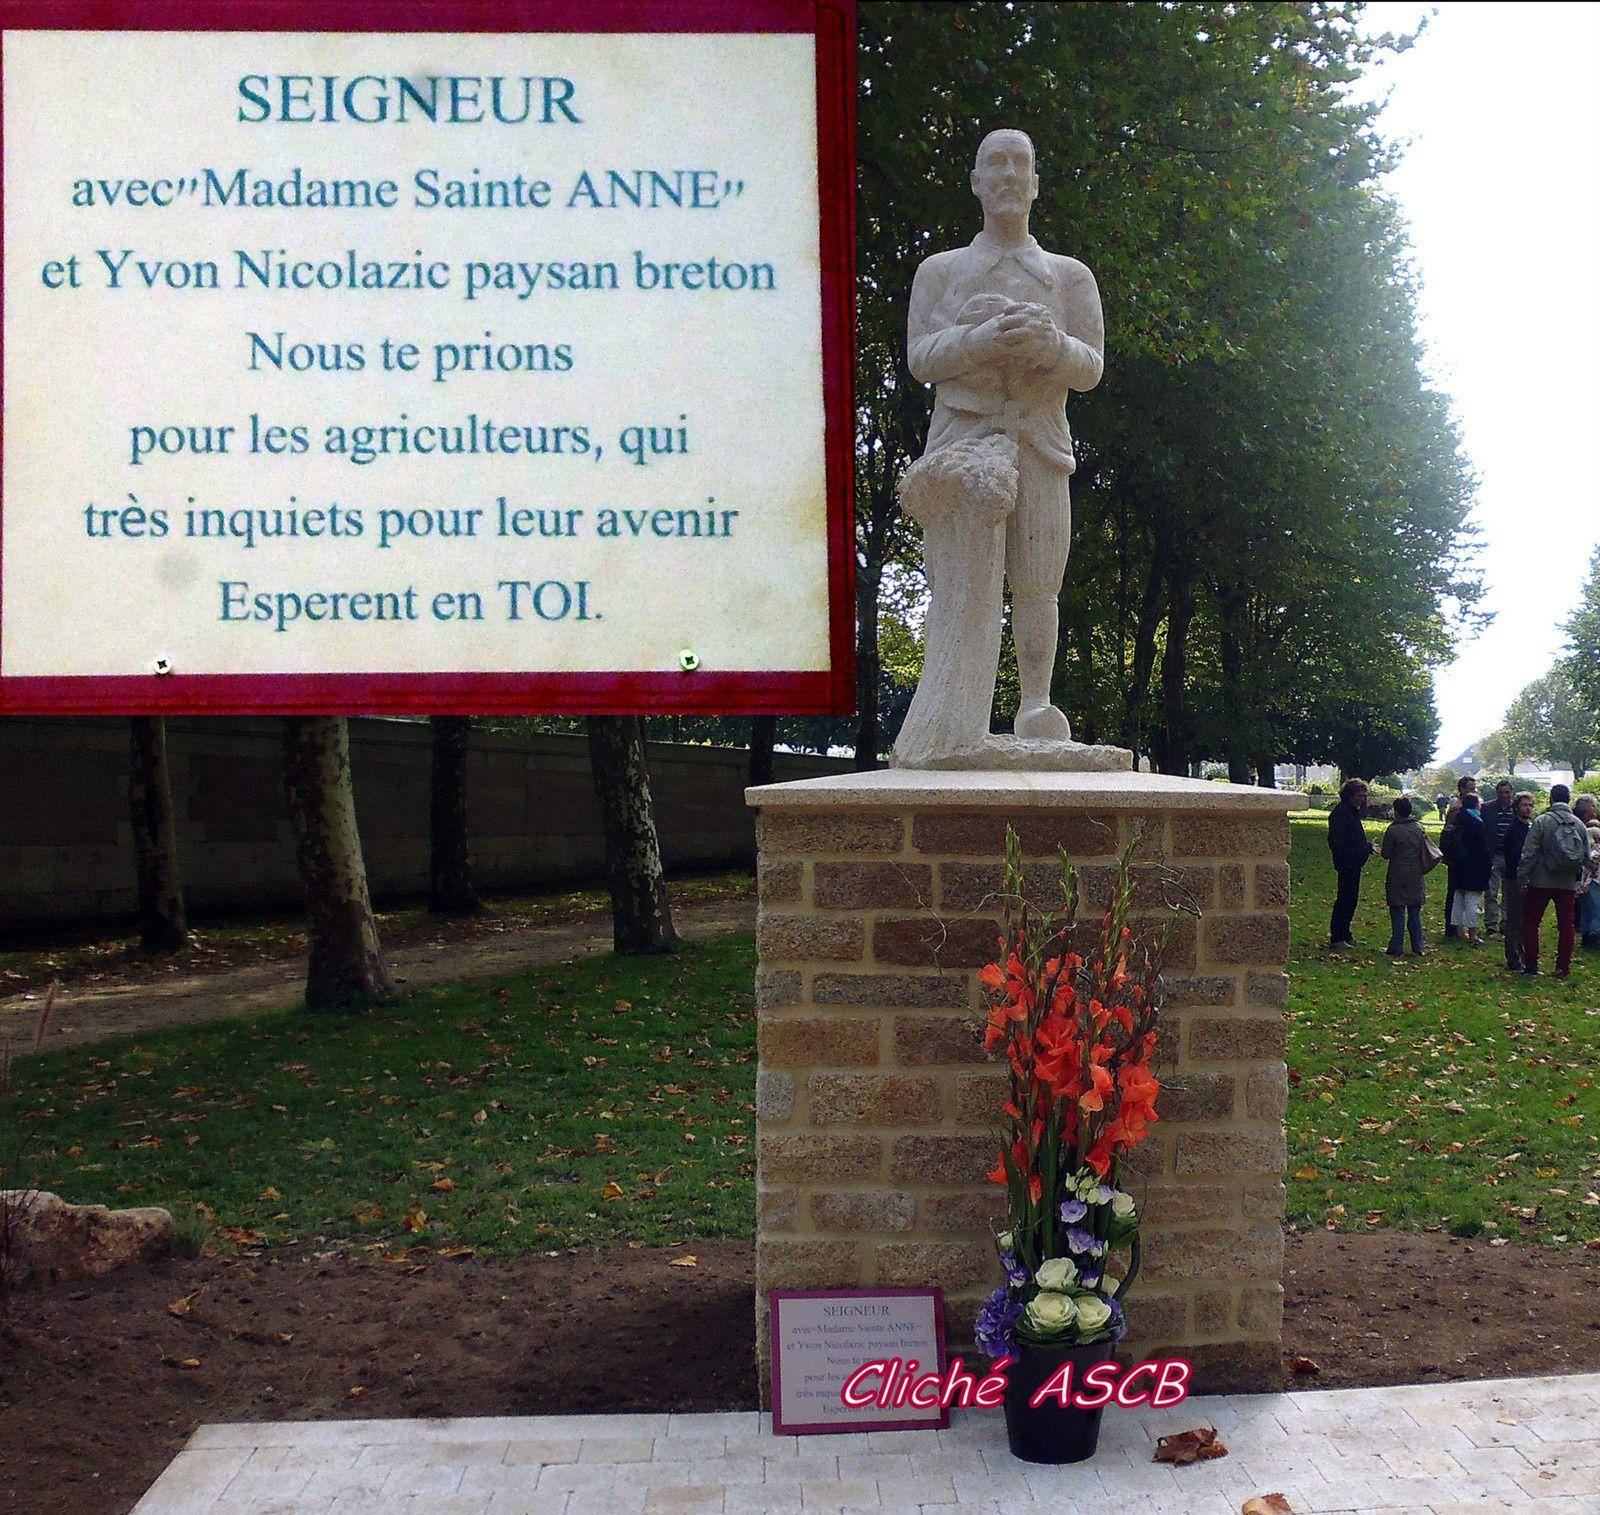 MONSEIGNEUR RAYMOND CENTENE, EVEQUE de VANNES MET LES PAYSANS à L'HONNEUR.